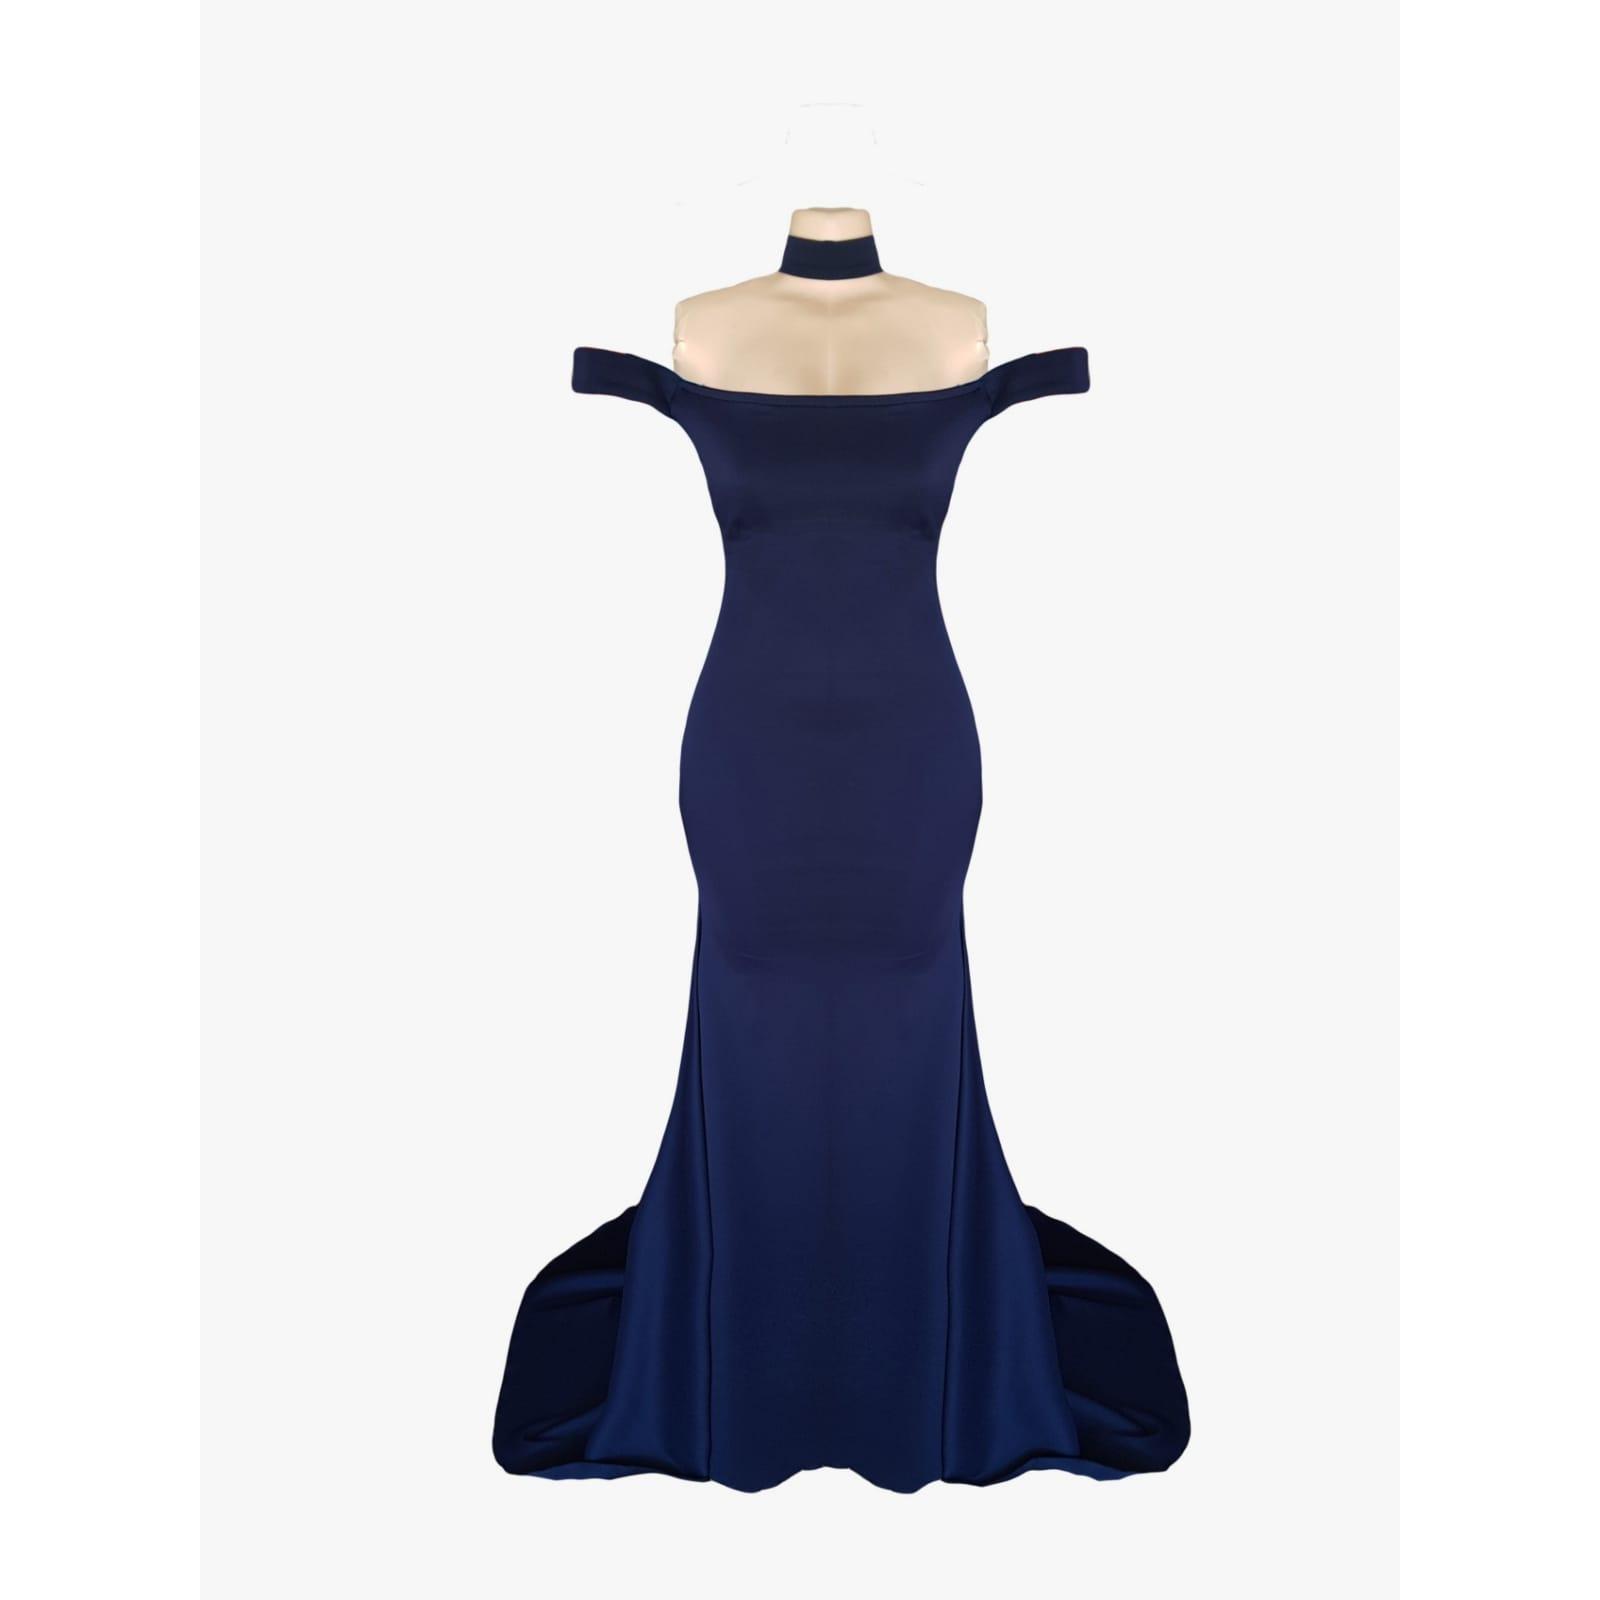 Simples vestido de noite azul-marinho chic e sexy 5 a criação de um simples vestido de noite azul-marinho chic e sexy para a noite especial de chloe. Com o design fora do ombro de tendências, um toque de sensualidade com as costas abertas e um trem para criar uma entrada sofisticada e importante em sua ocasião de noite.